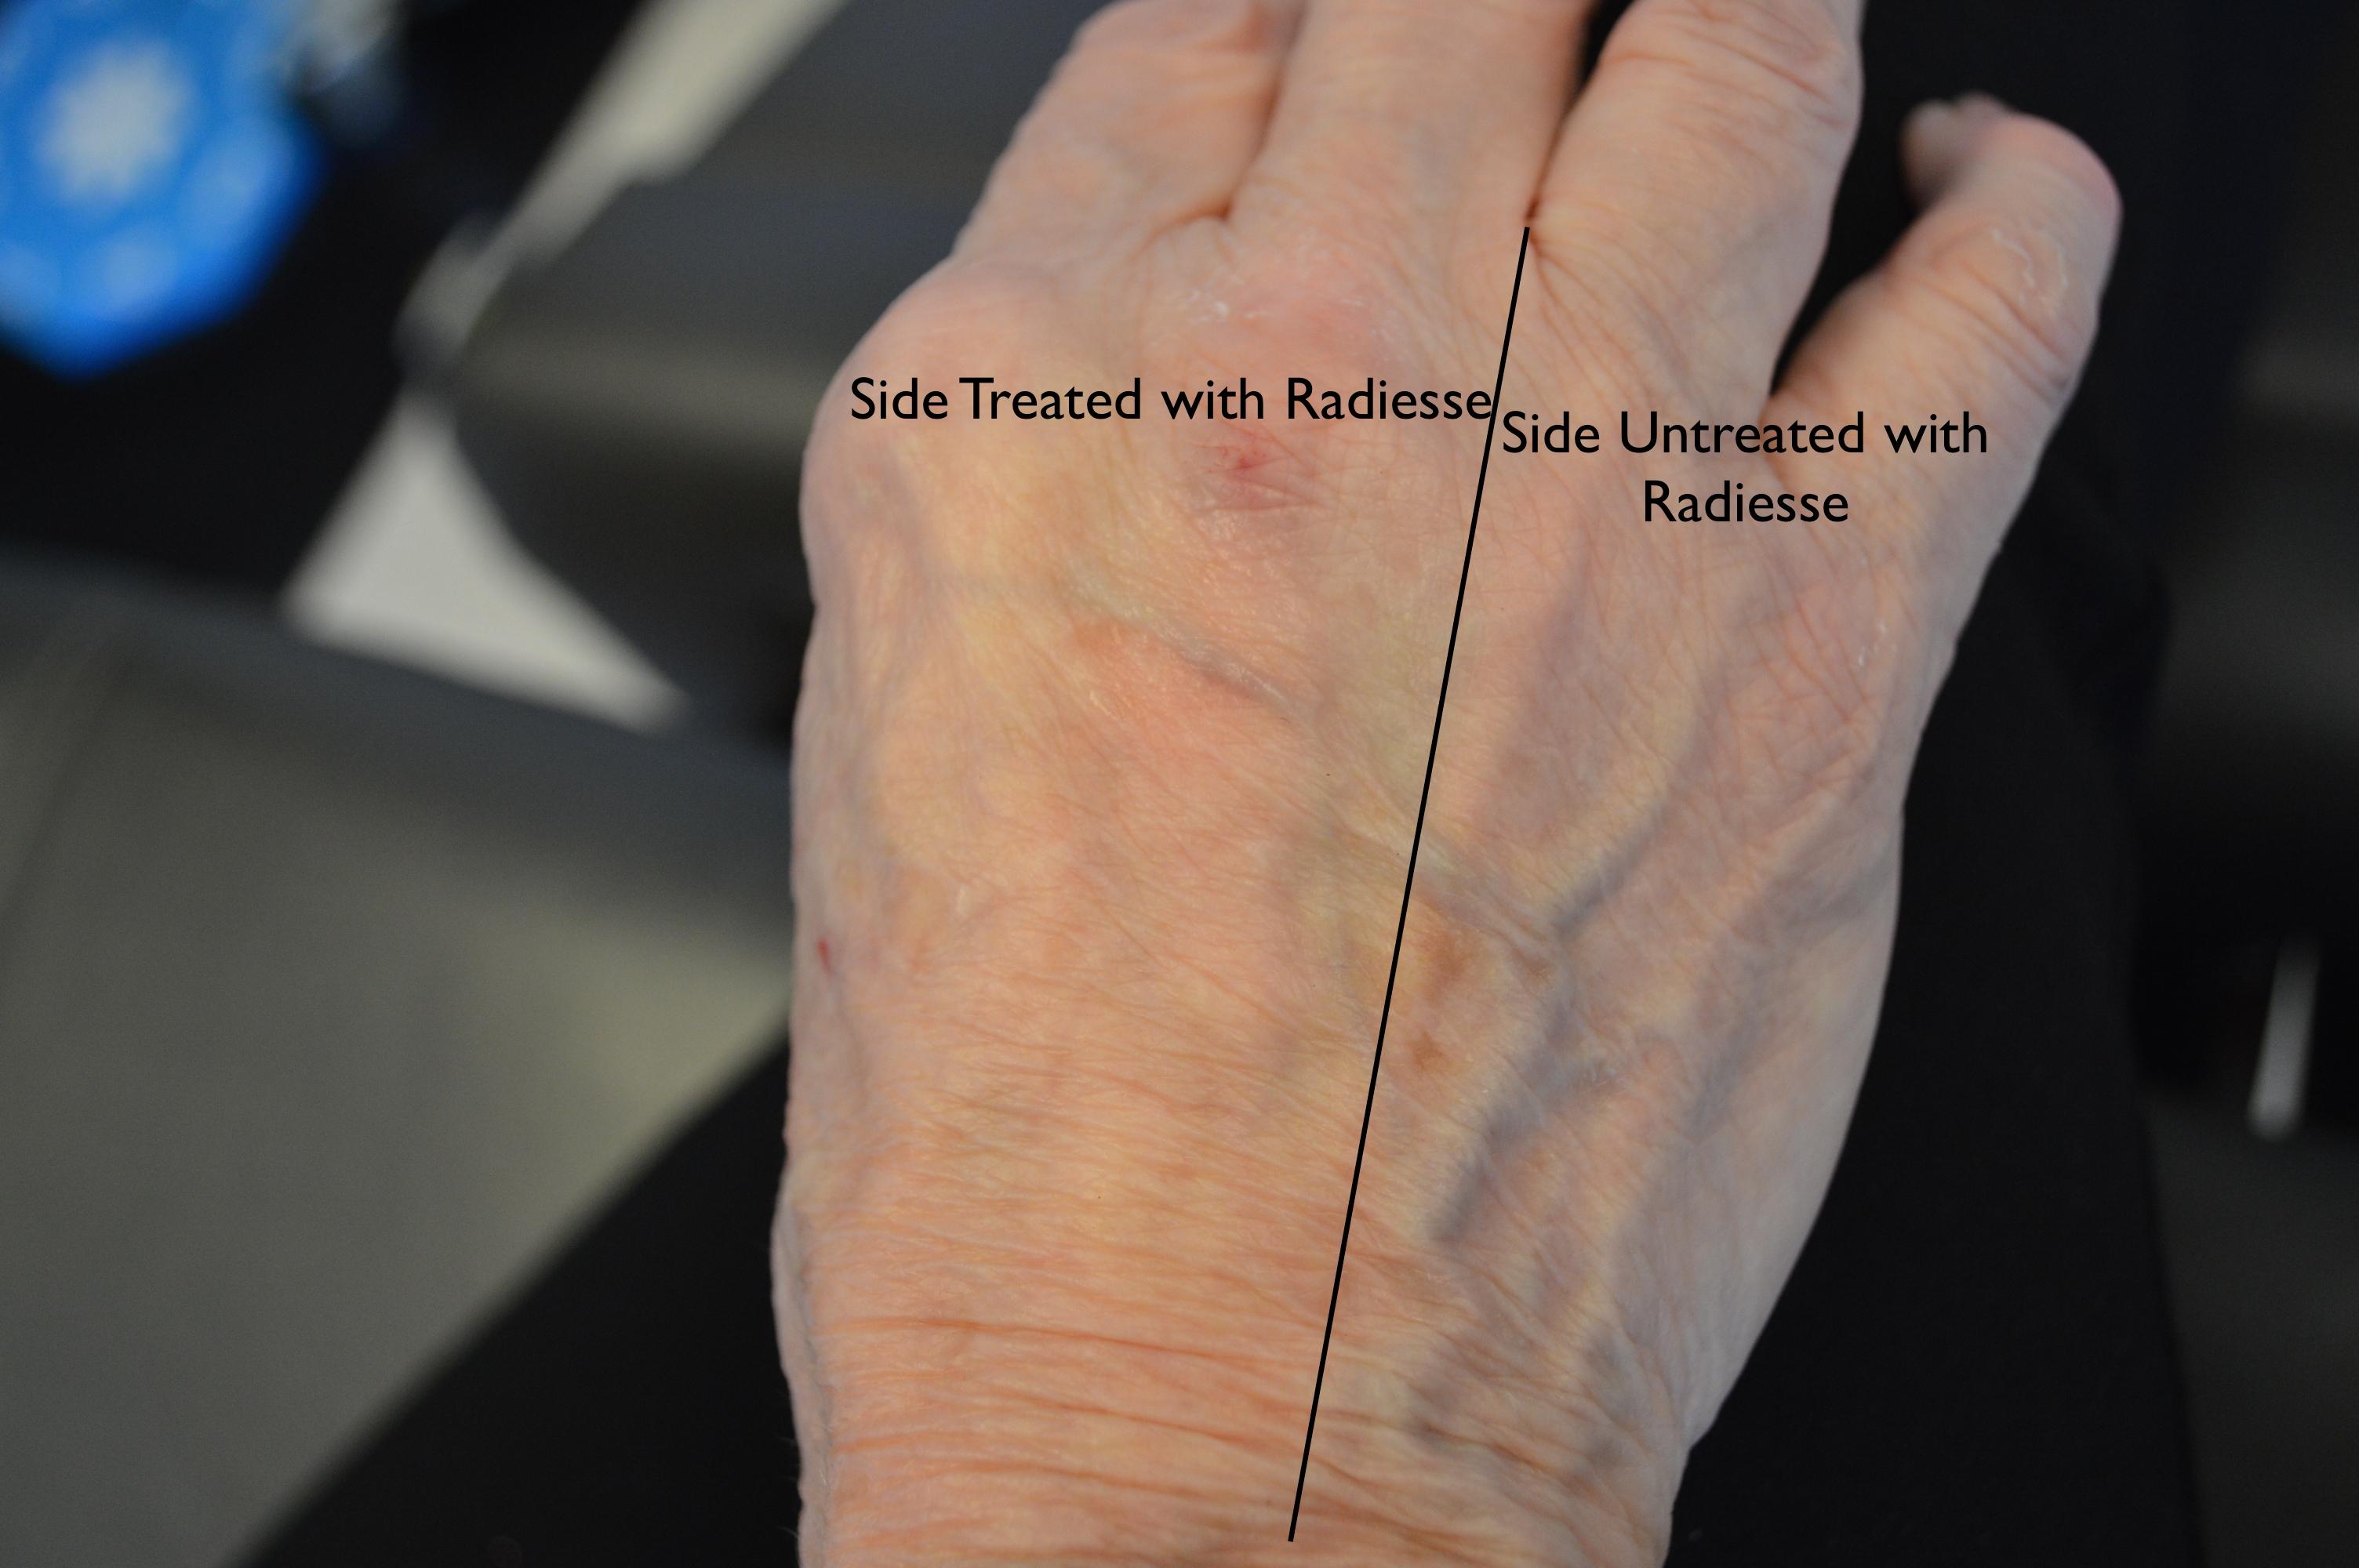 Radiesse Filler for Aging Hands | BuildMyBod Healthcare Pricing